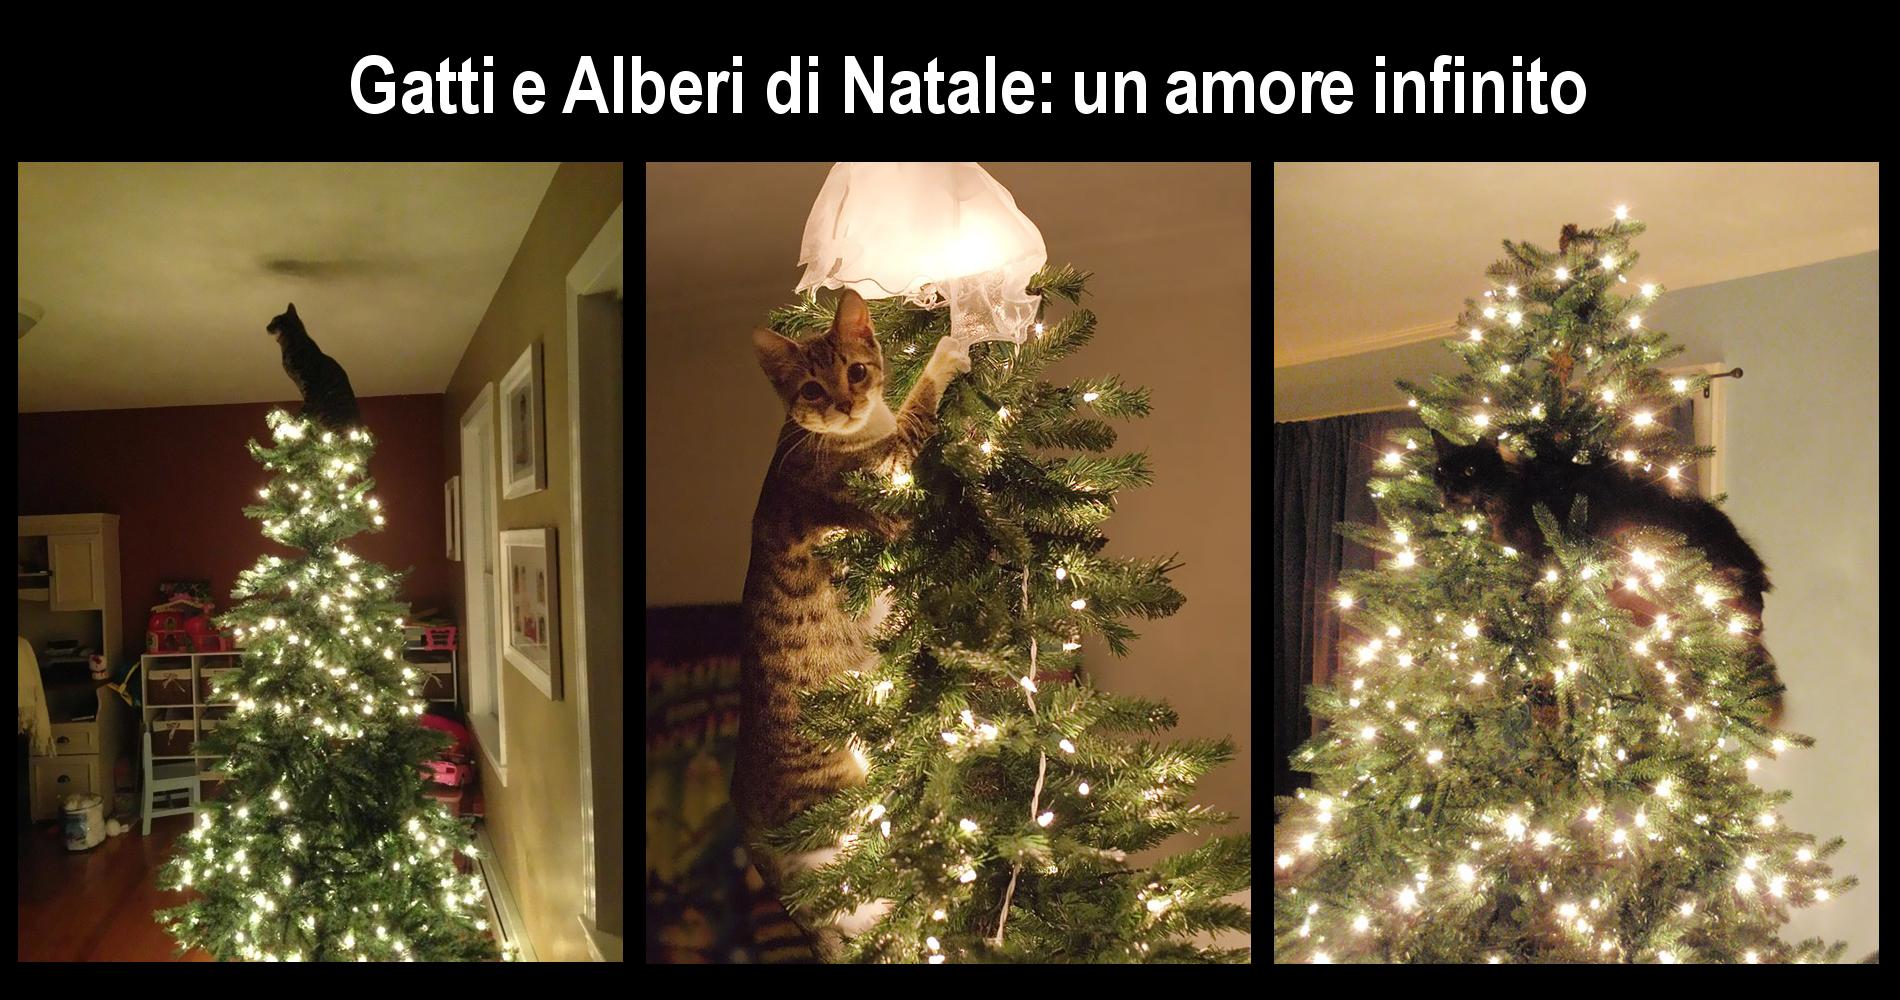 Frasi Di Natale Youtube.Gatti E Alberi Di Natale Amore Impossibile